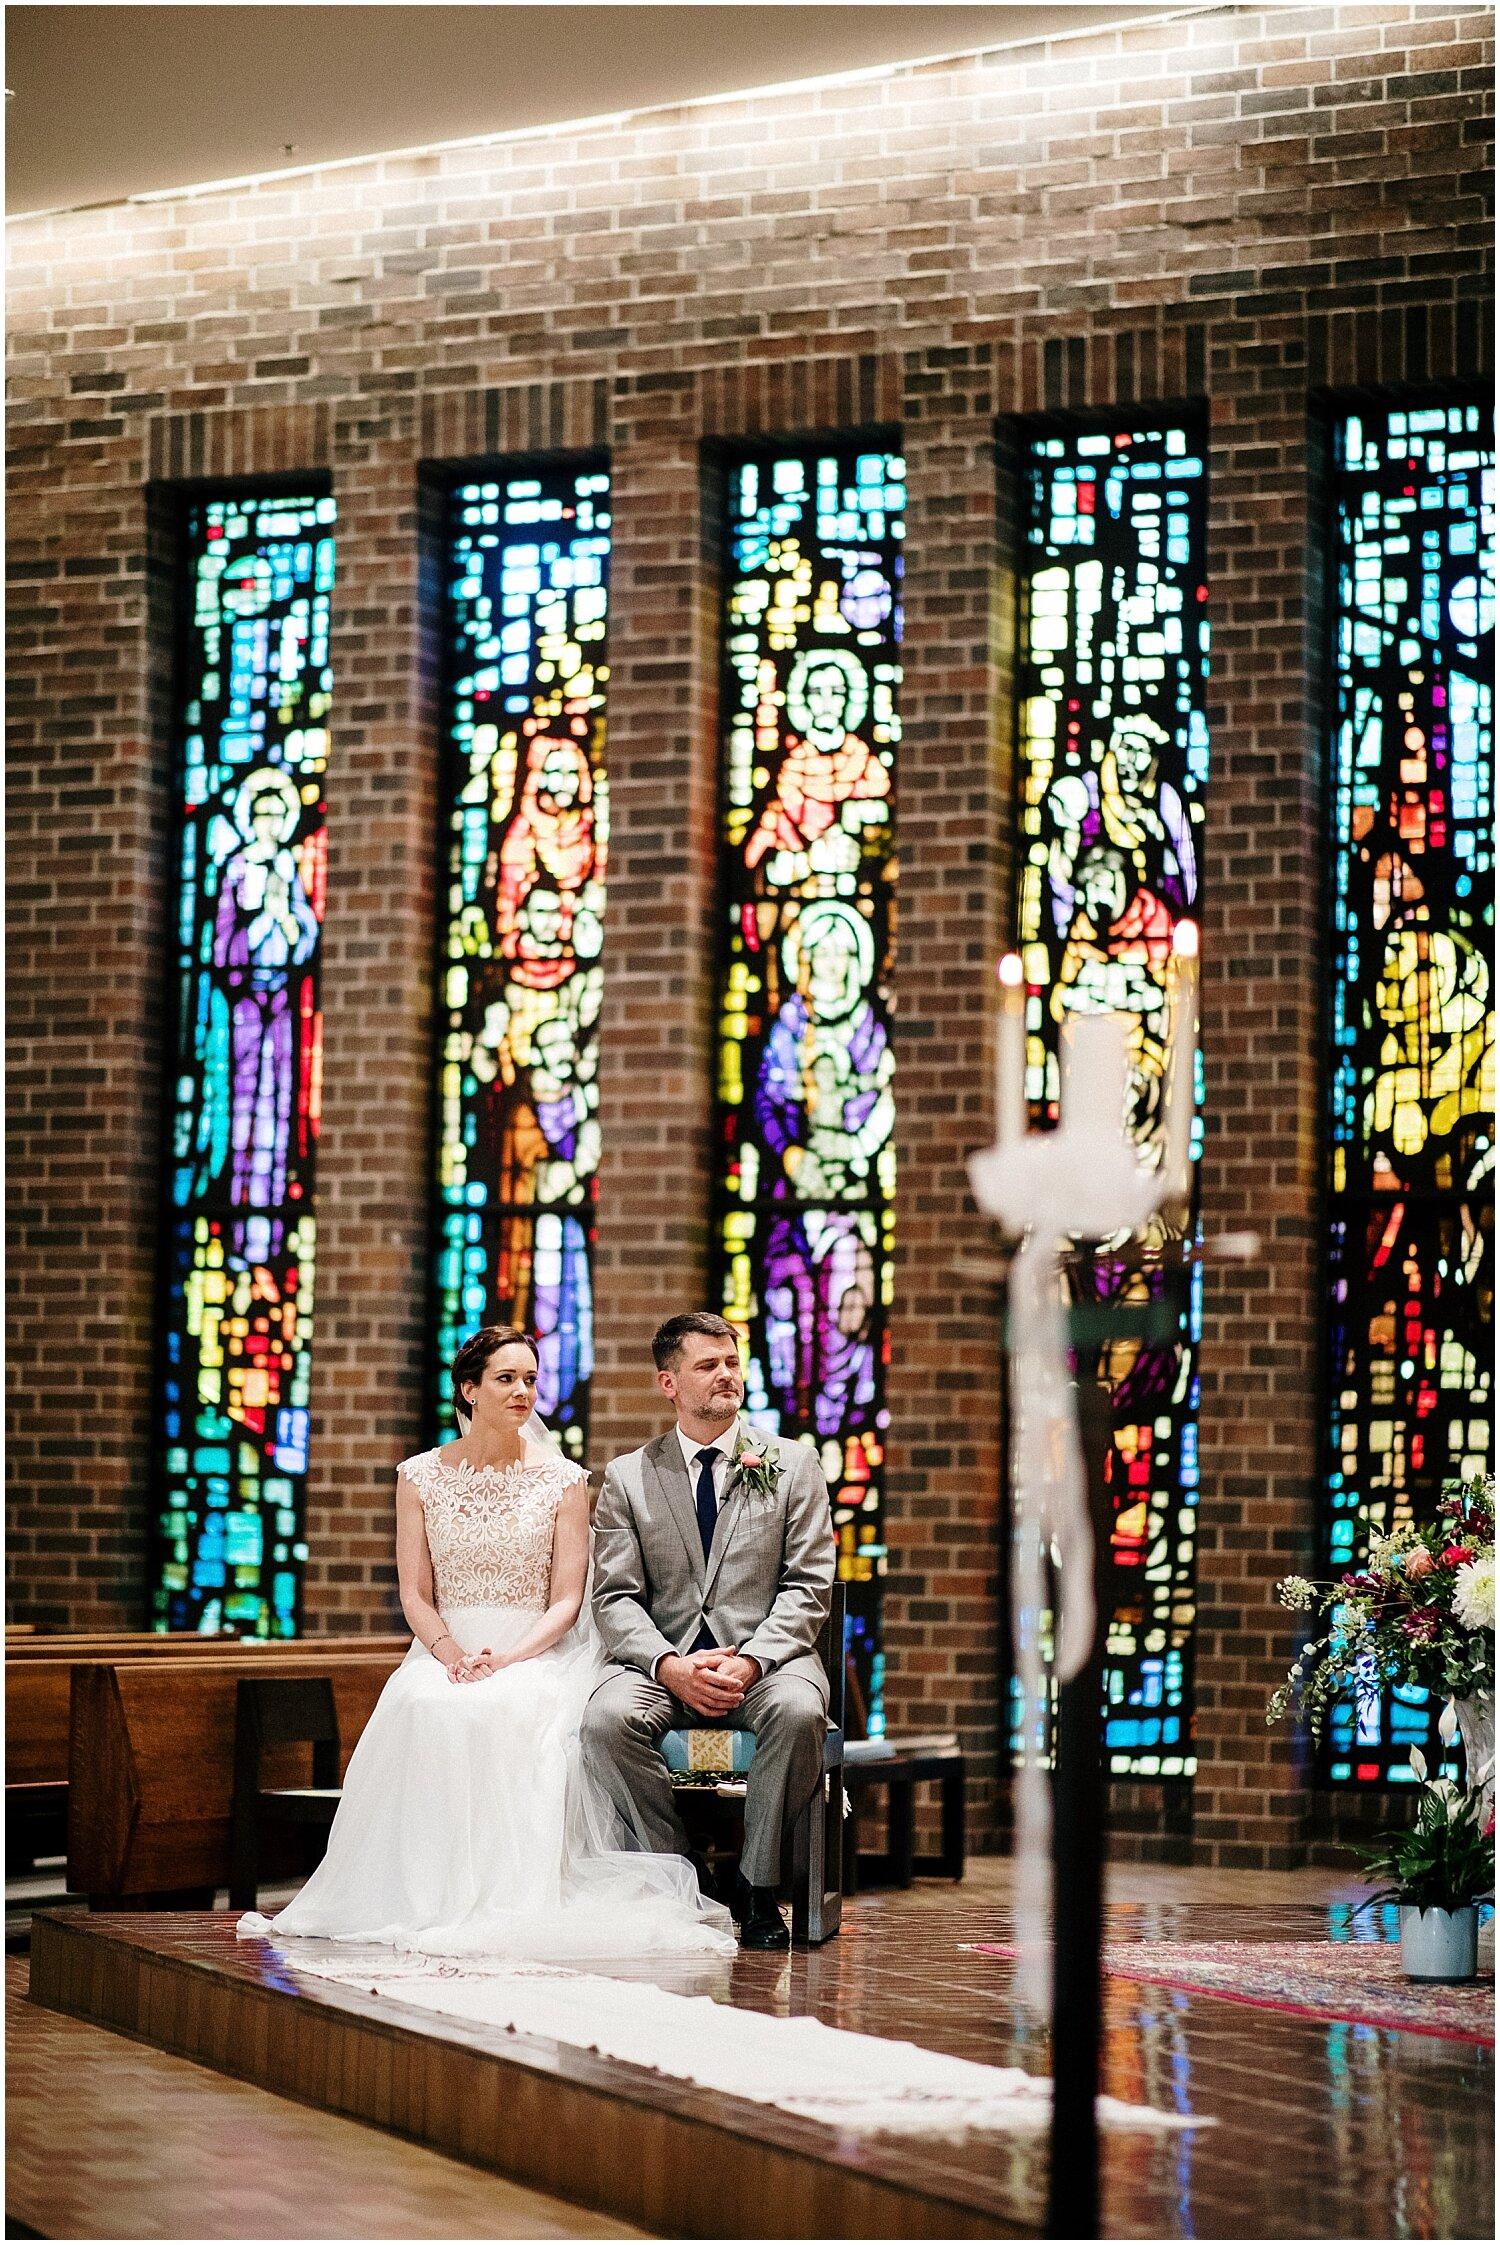 Church wedding in MN